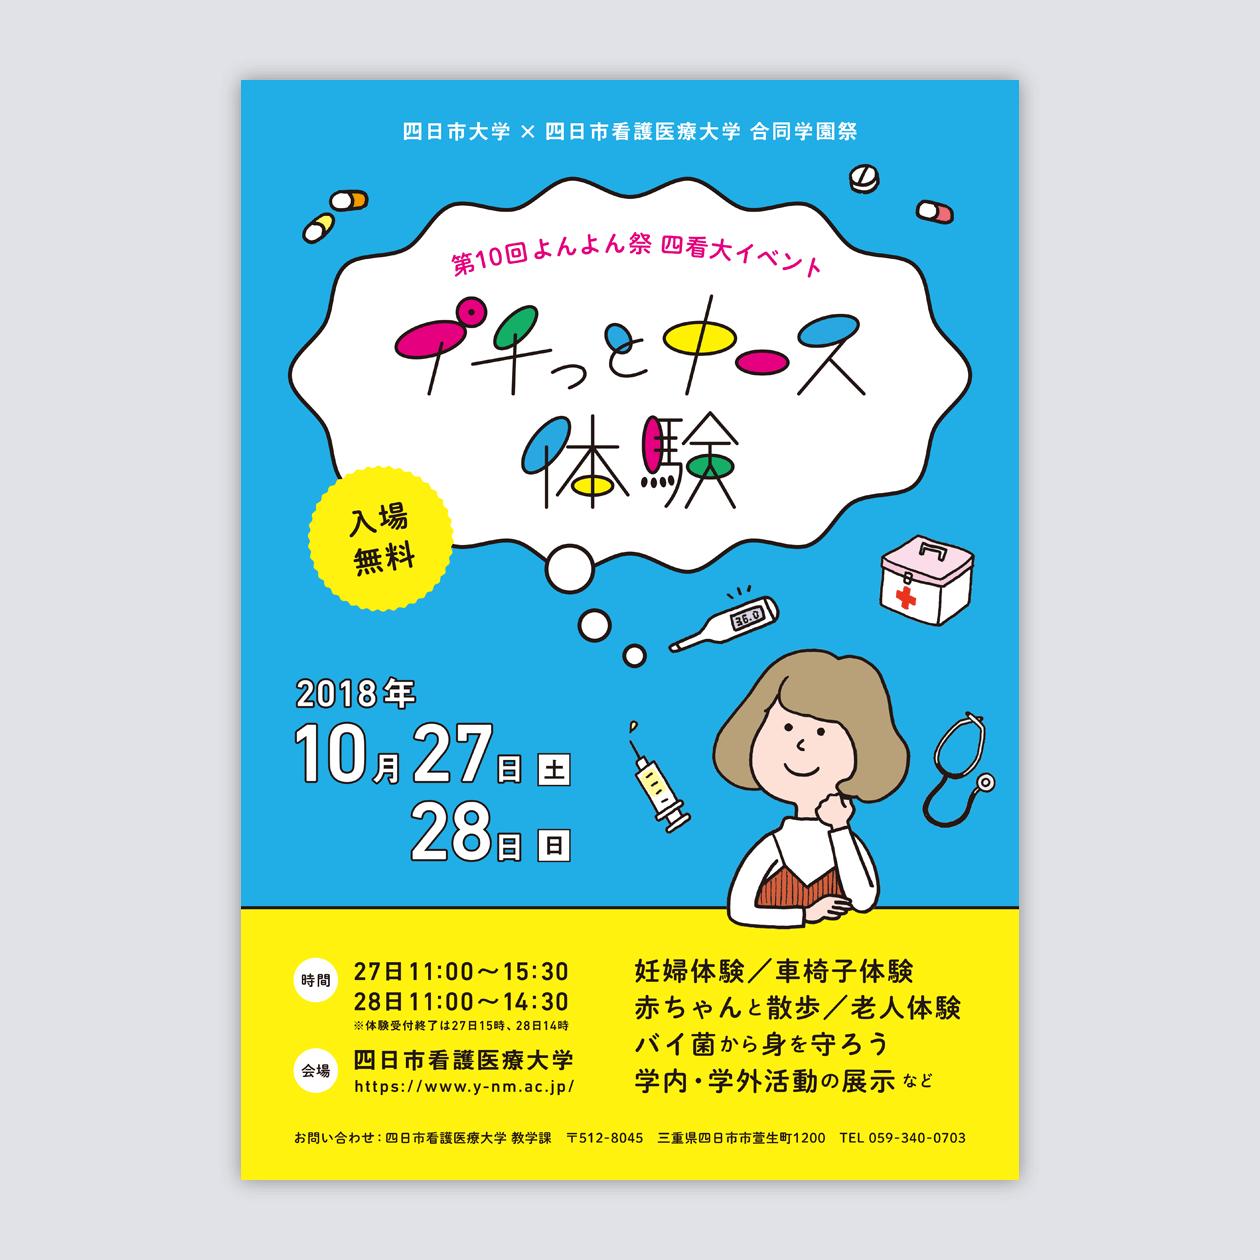 2018年度「プチッとナース体験」ポスター&パンフレット